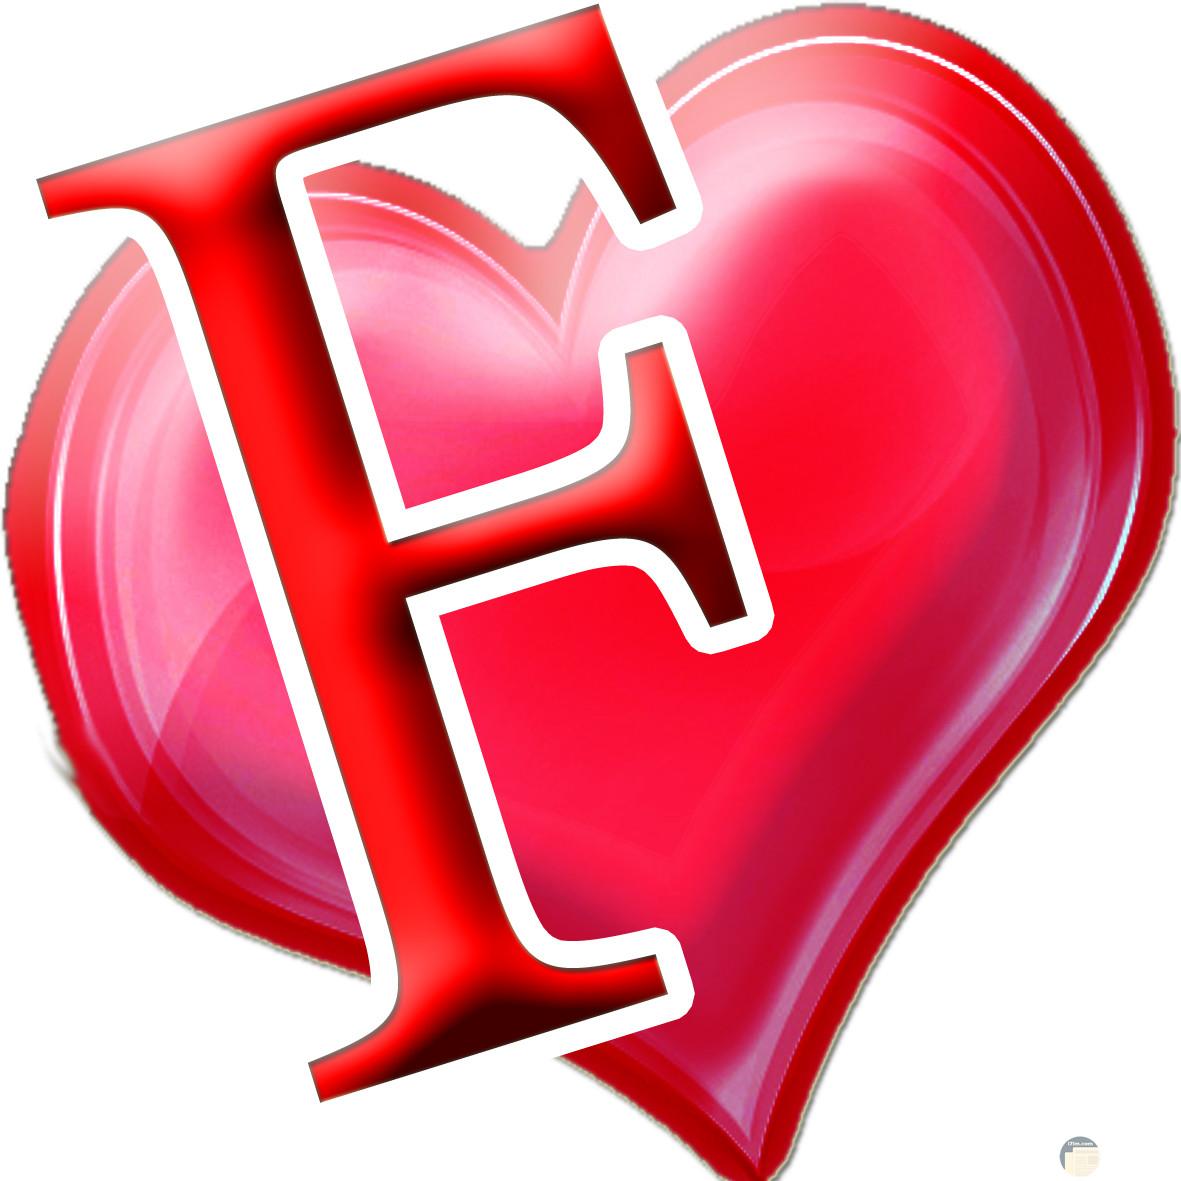 حرف F بداخل قلب احمر